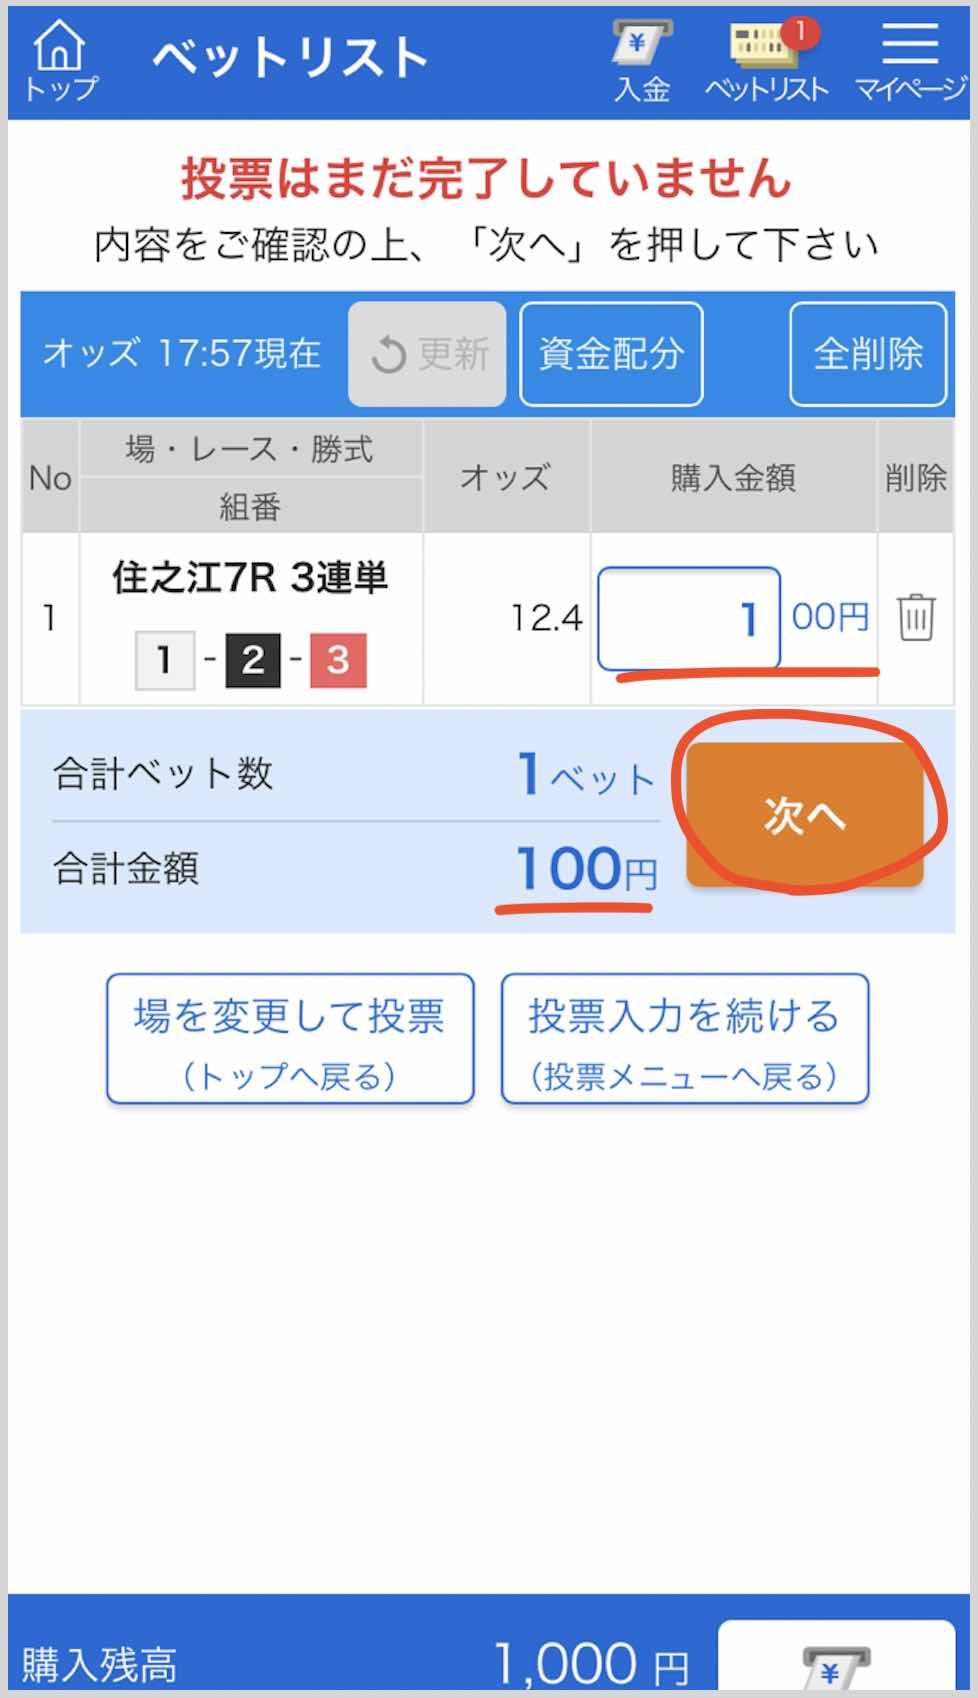 競艇ボートレースの舟券をネットで買う、競艇ボートレース投票サイトの確認画面